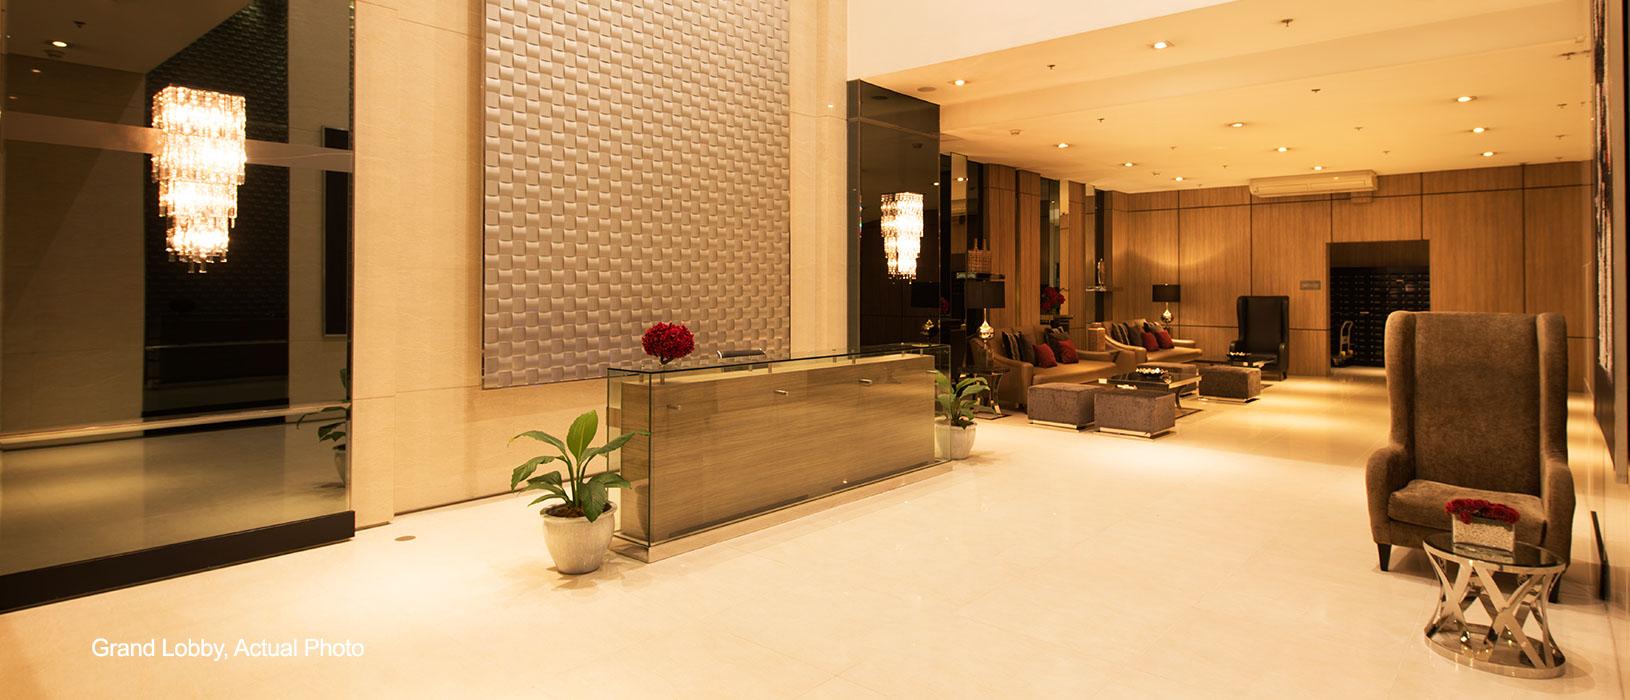 Princeton Residences Grand lobby